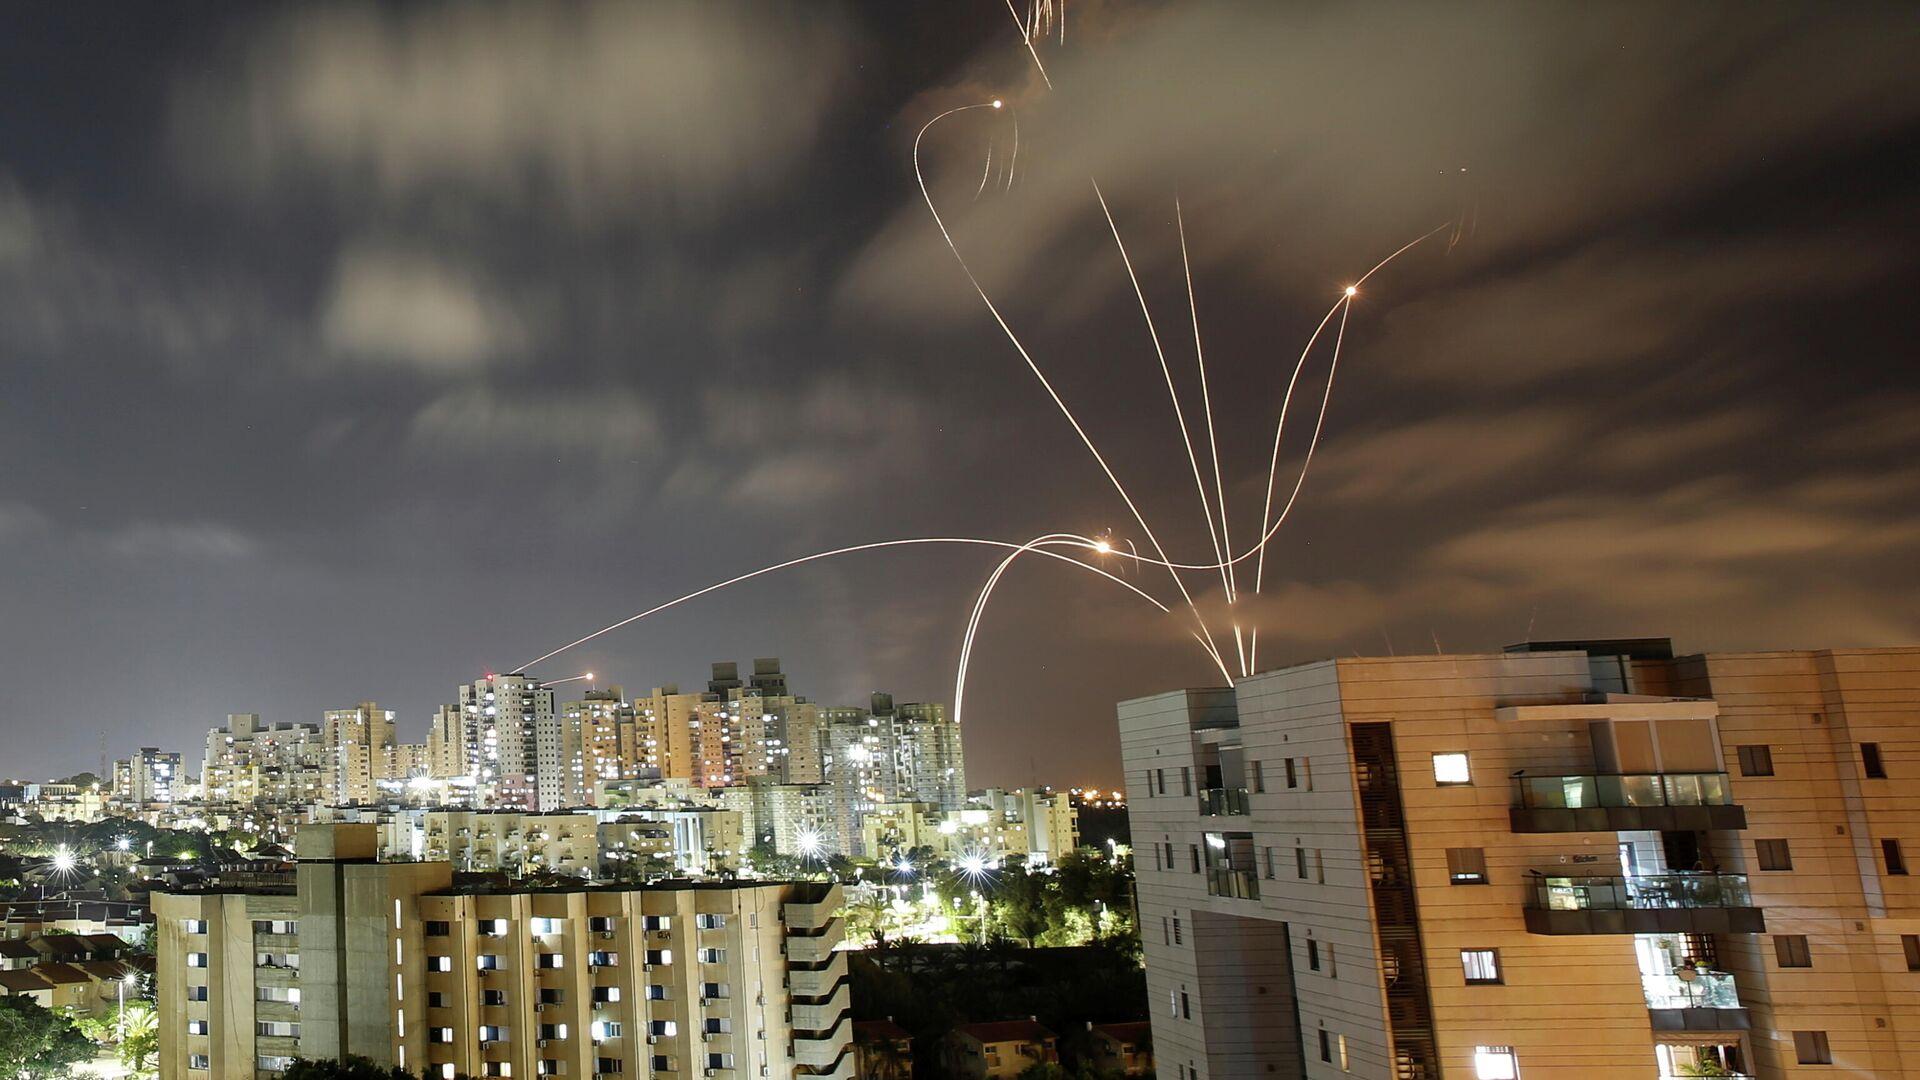 Противоракетная система Железный купол перехватывает ракеты, запущенные из сектора Газа в направлении Израиля - РИА Новости, 1920, 14.05.2021